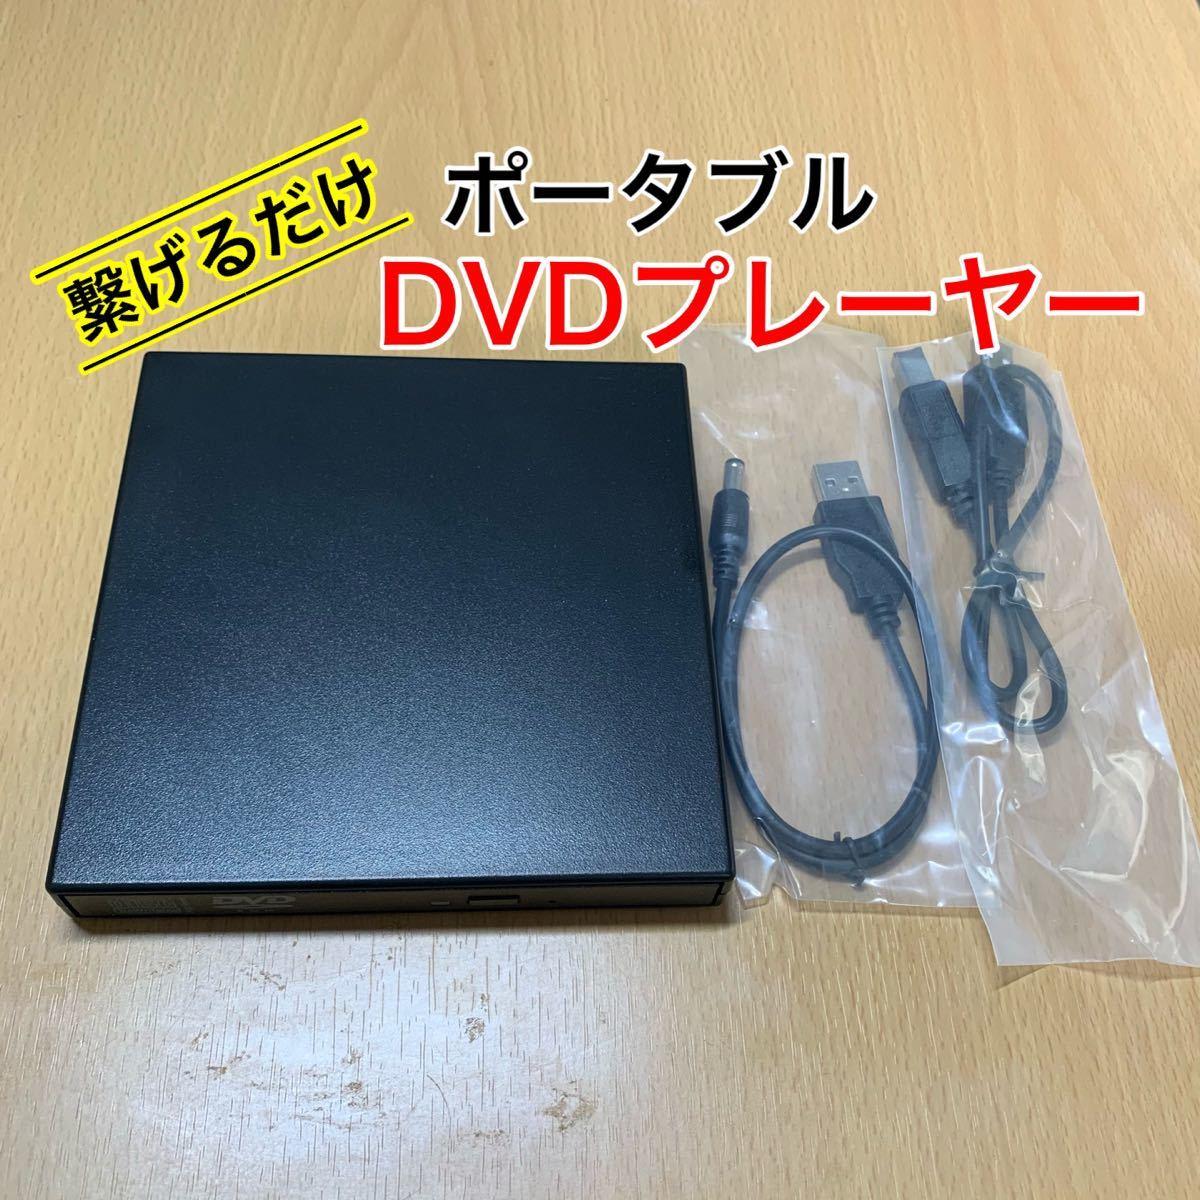 ポータブルDVDプレーヤー(パソコン専用) 外付けDVDドライブ P-2